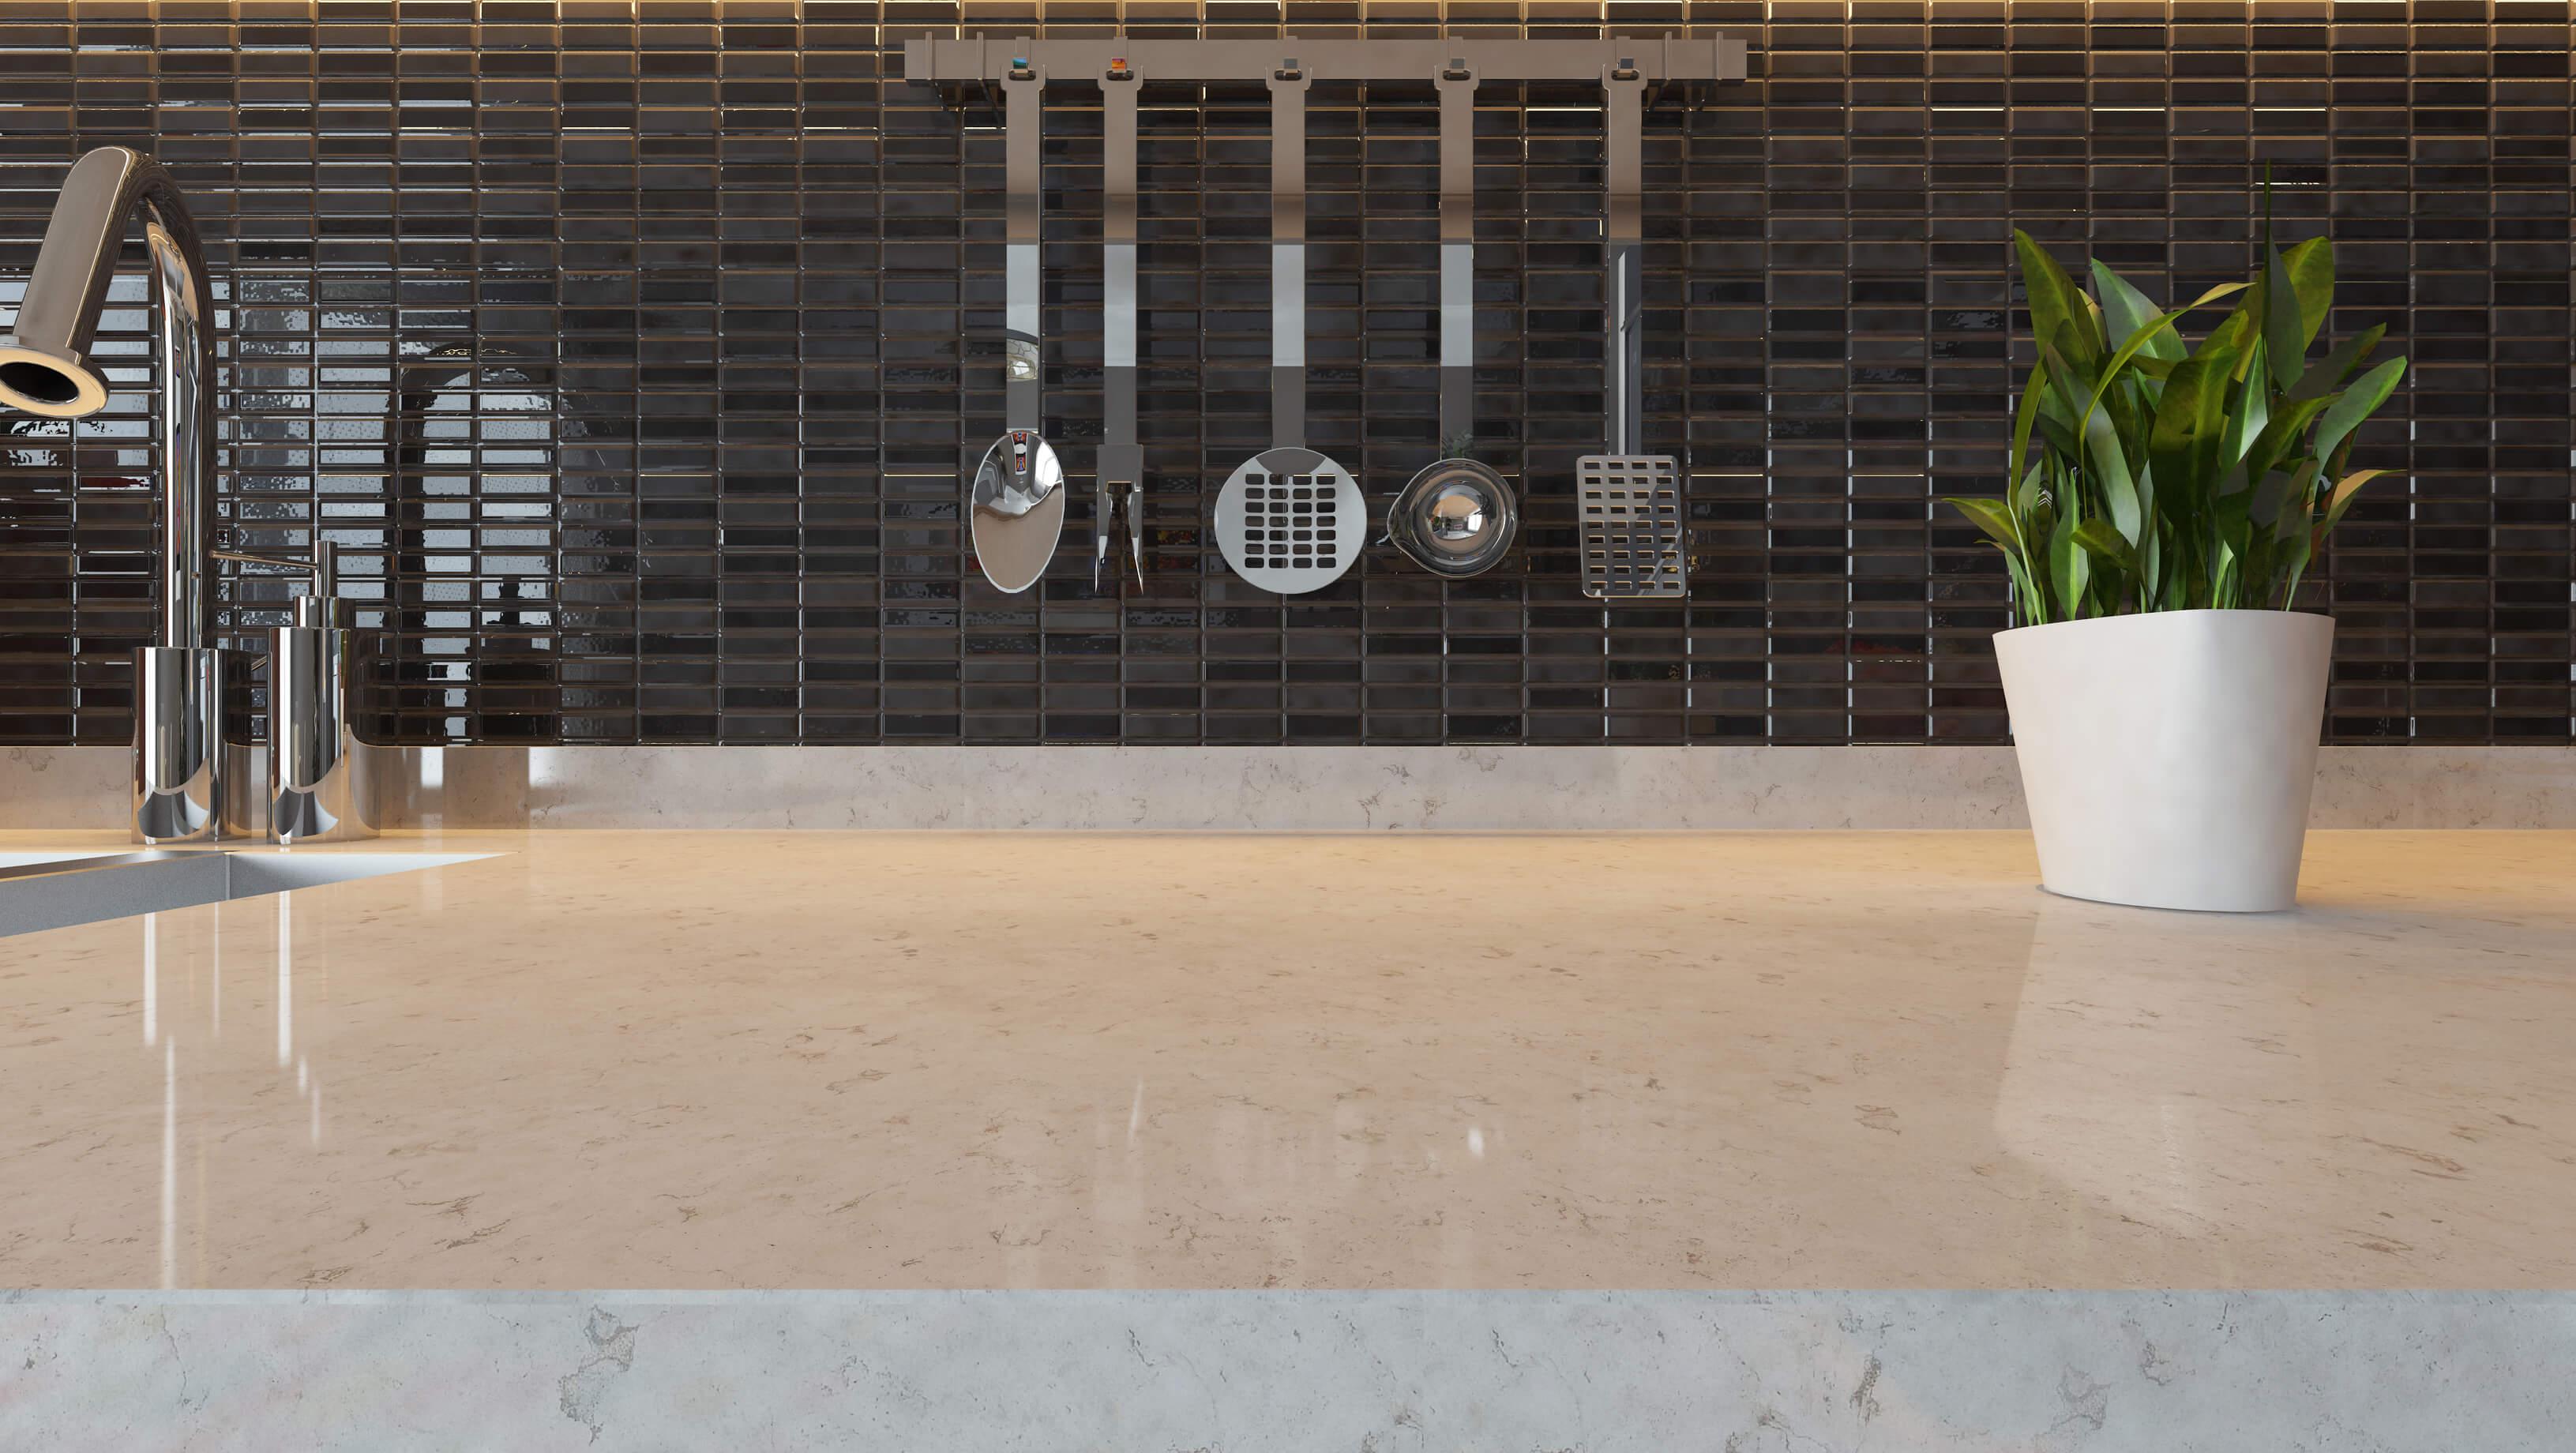 Keuken installatie - Lodewijks Installaties